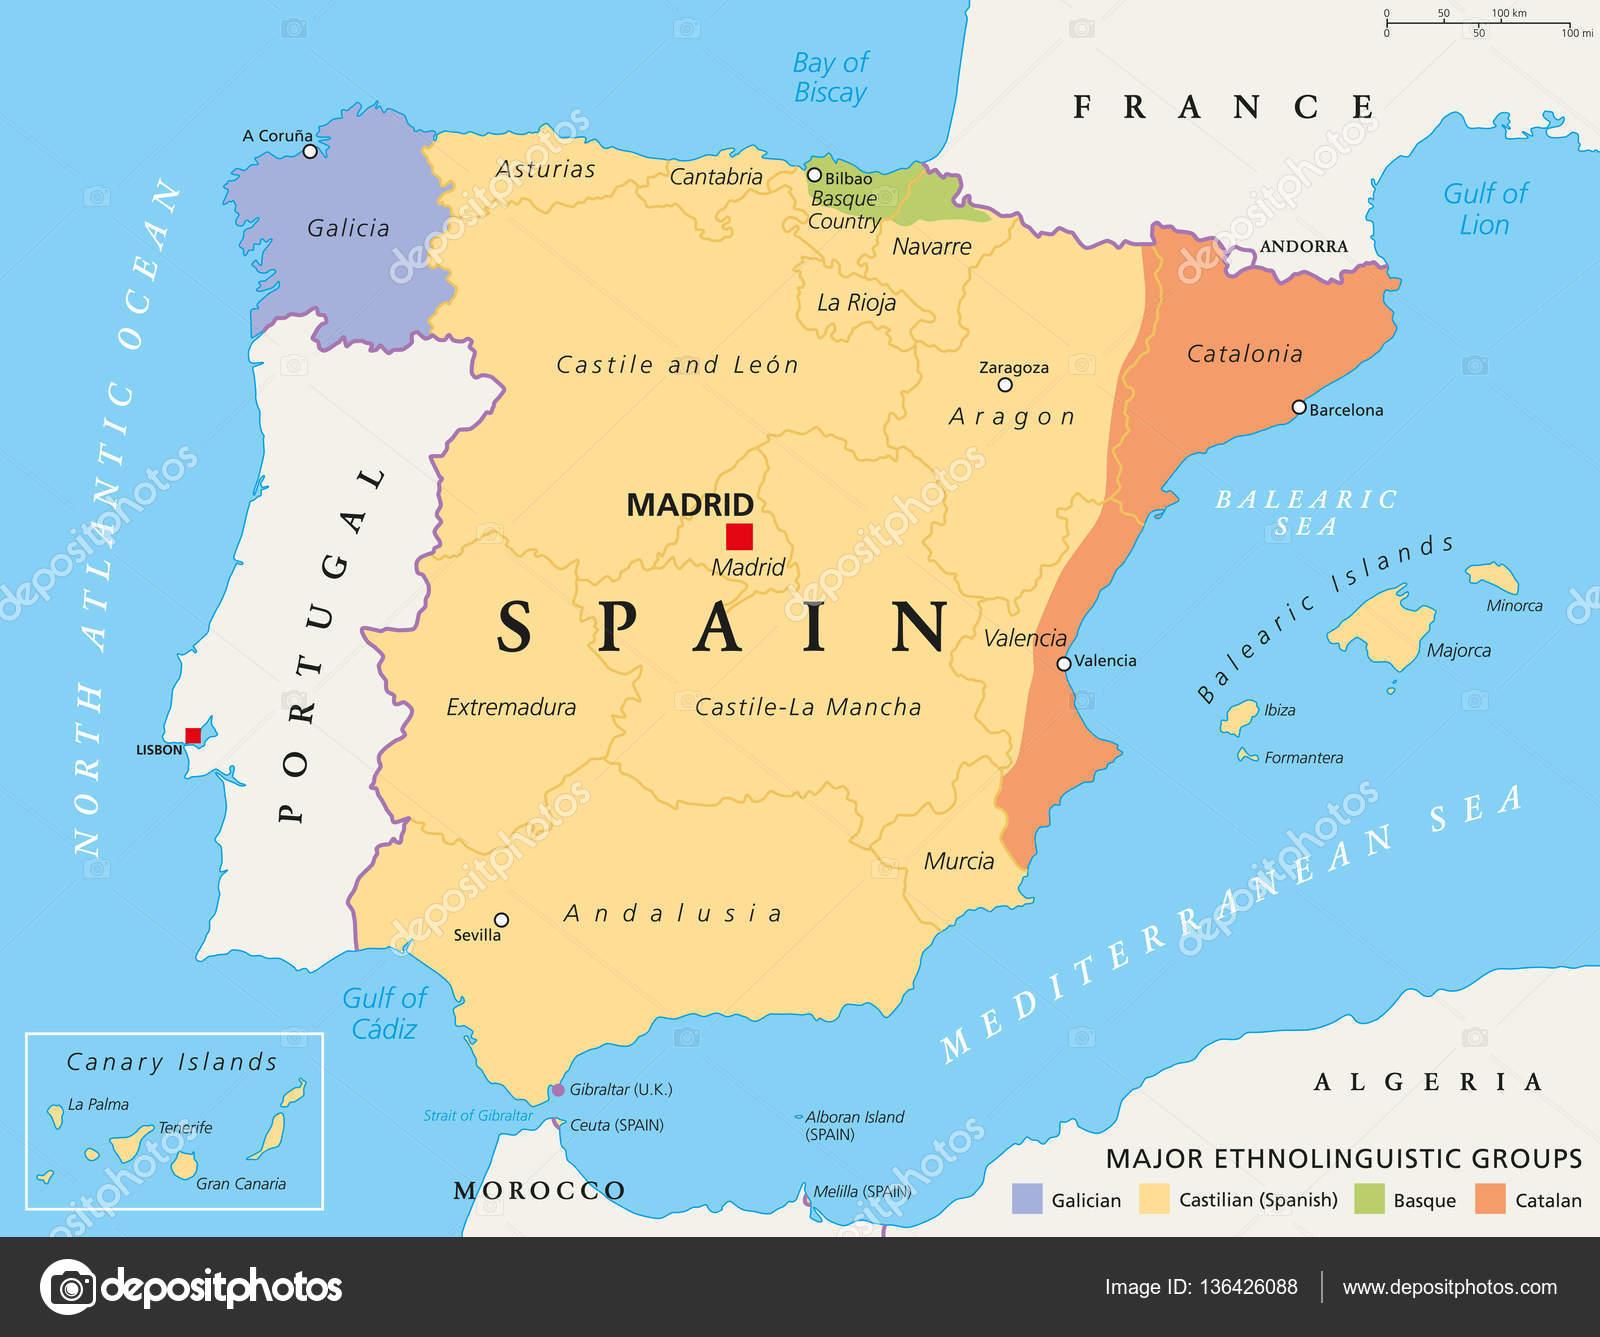 Map Of Spain Political.Spain Autonomous Communities Political Map Stock Vector C Furian